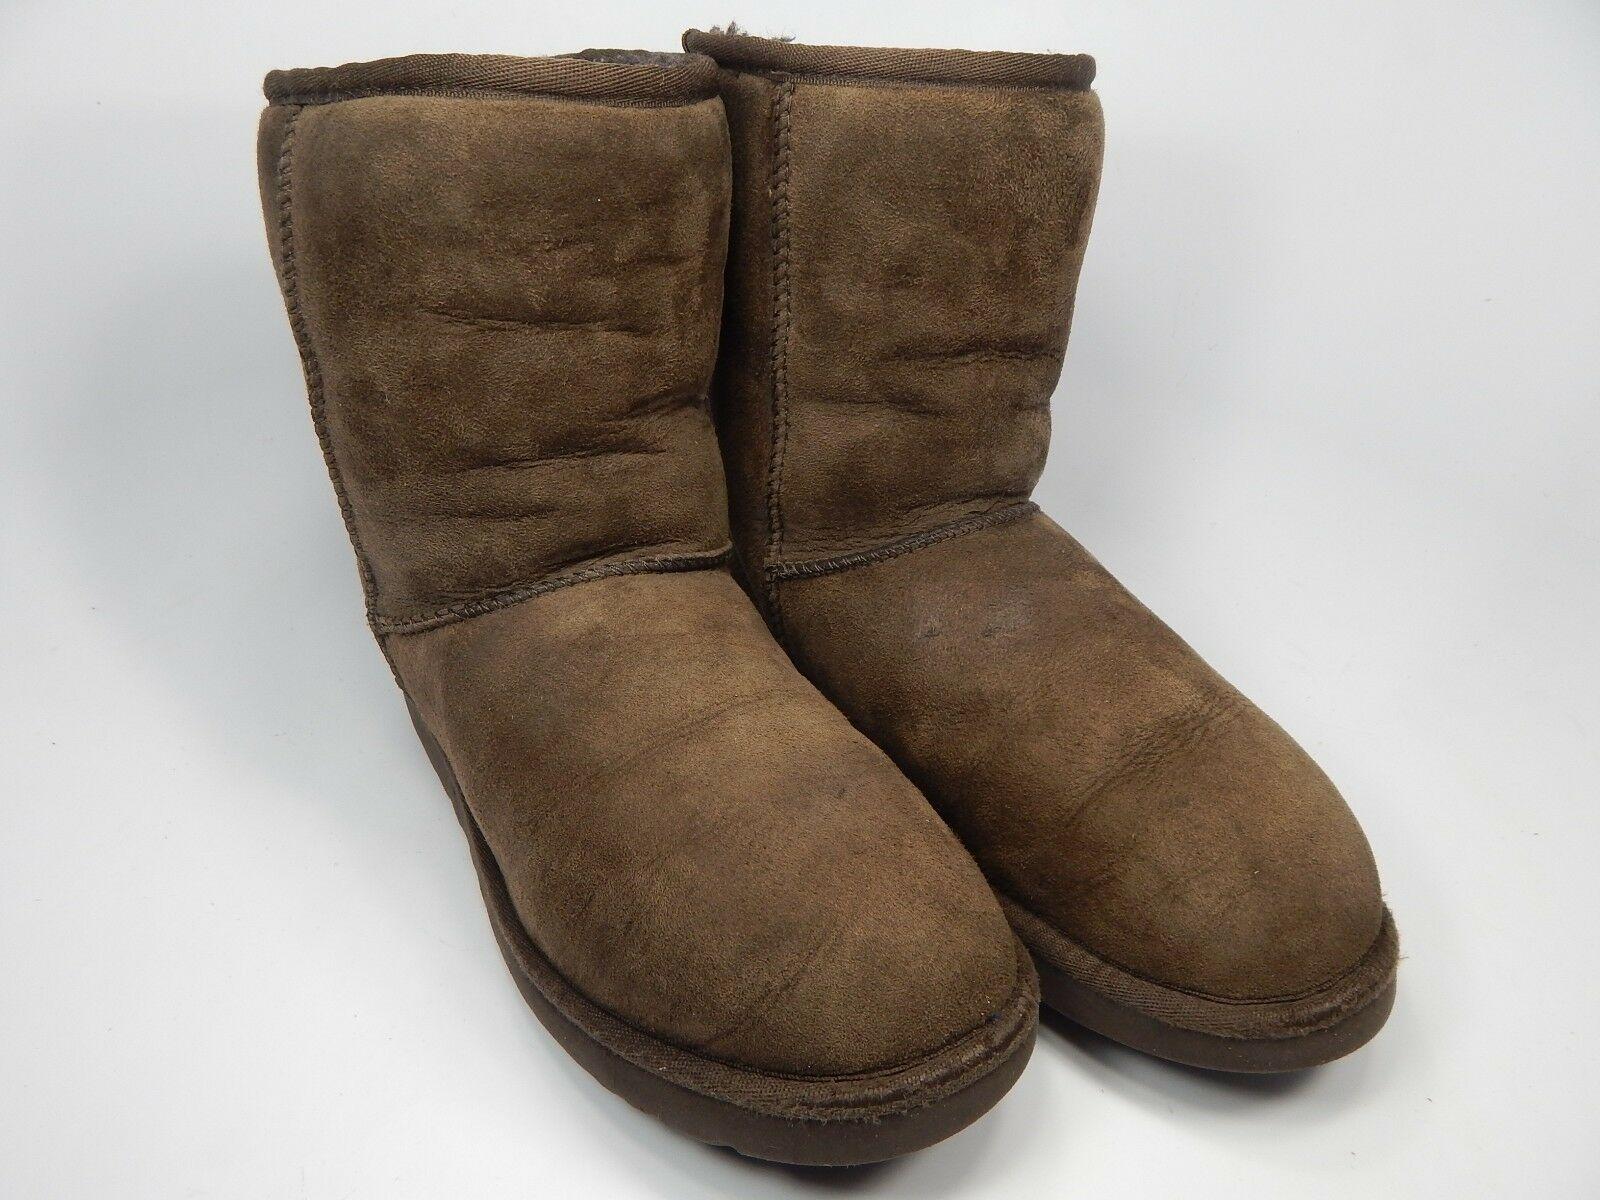 ugg australia klassisch kurz schafspelz braun stiefel gr e 7 m b eu 38 modell boots. Black Bedroom Furniture Sets. Home Design Ideas